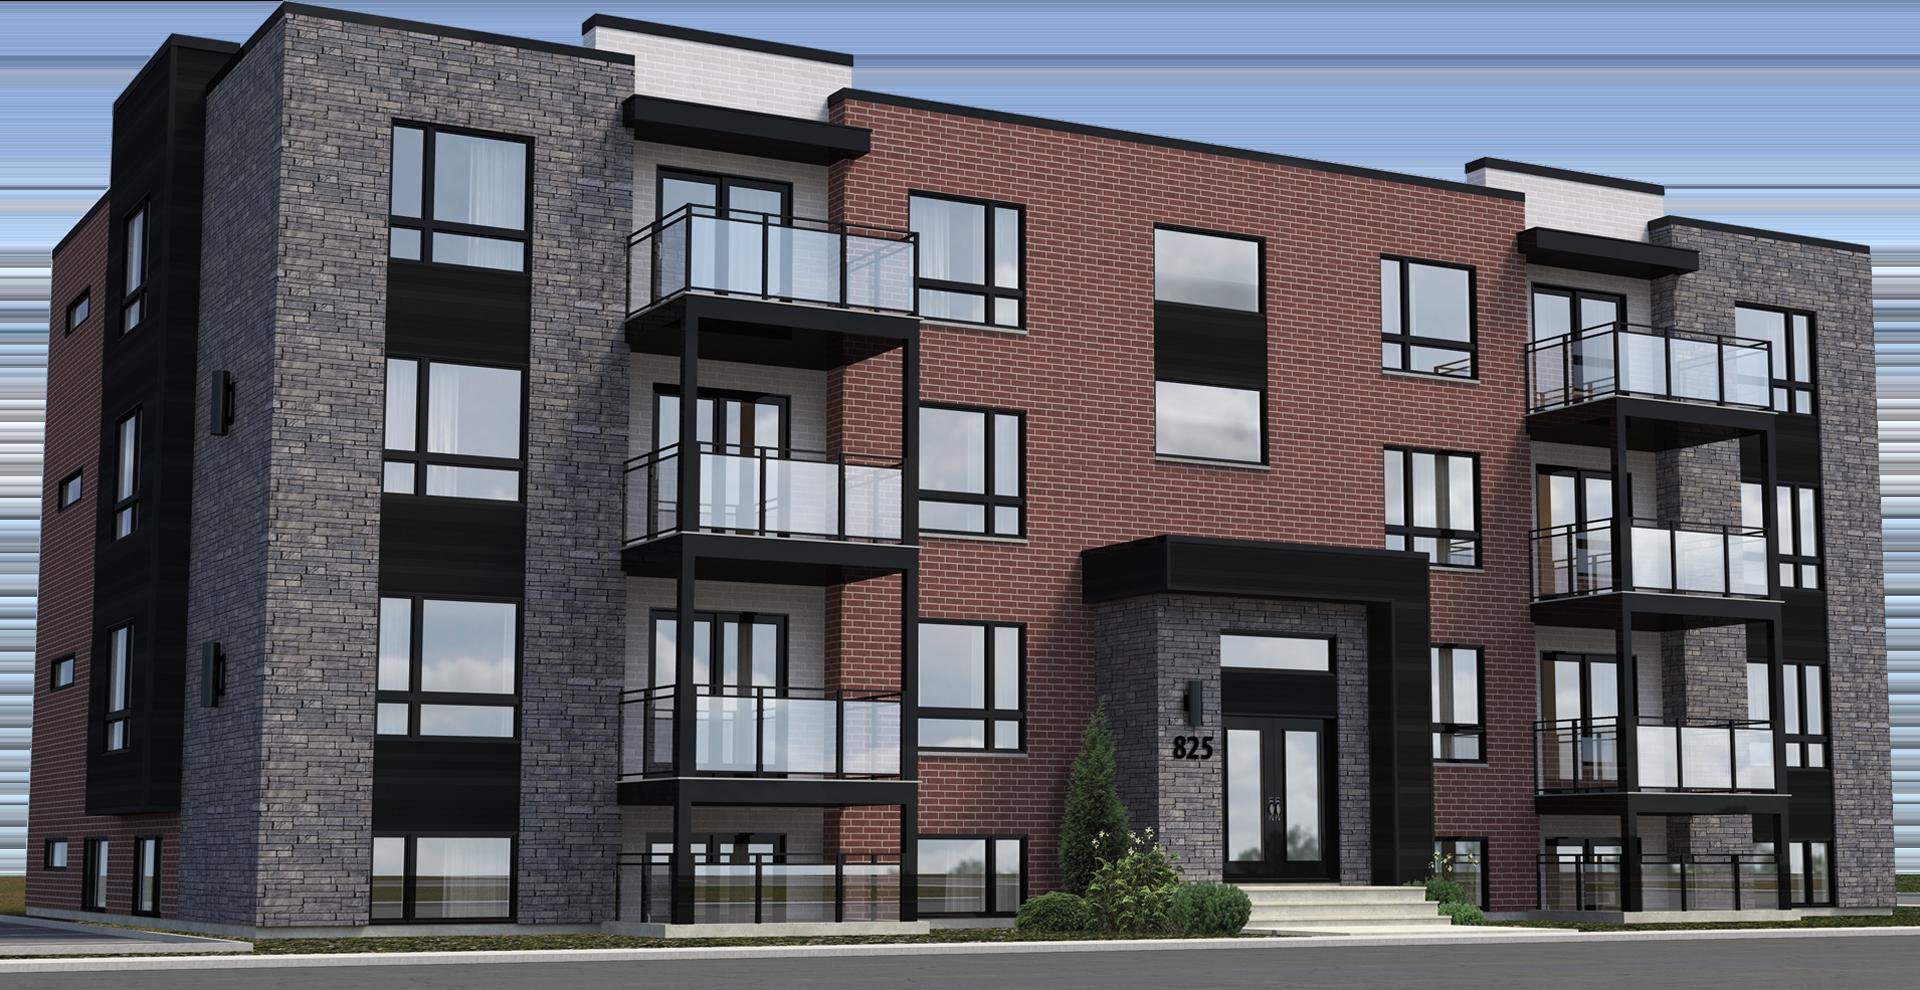 825 Curé-Poirier par Les Habitations Excellence